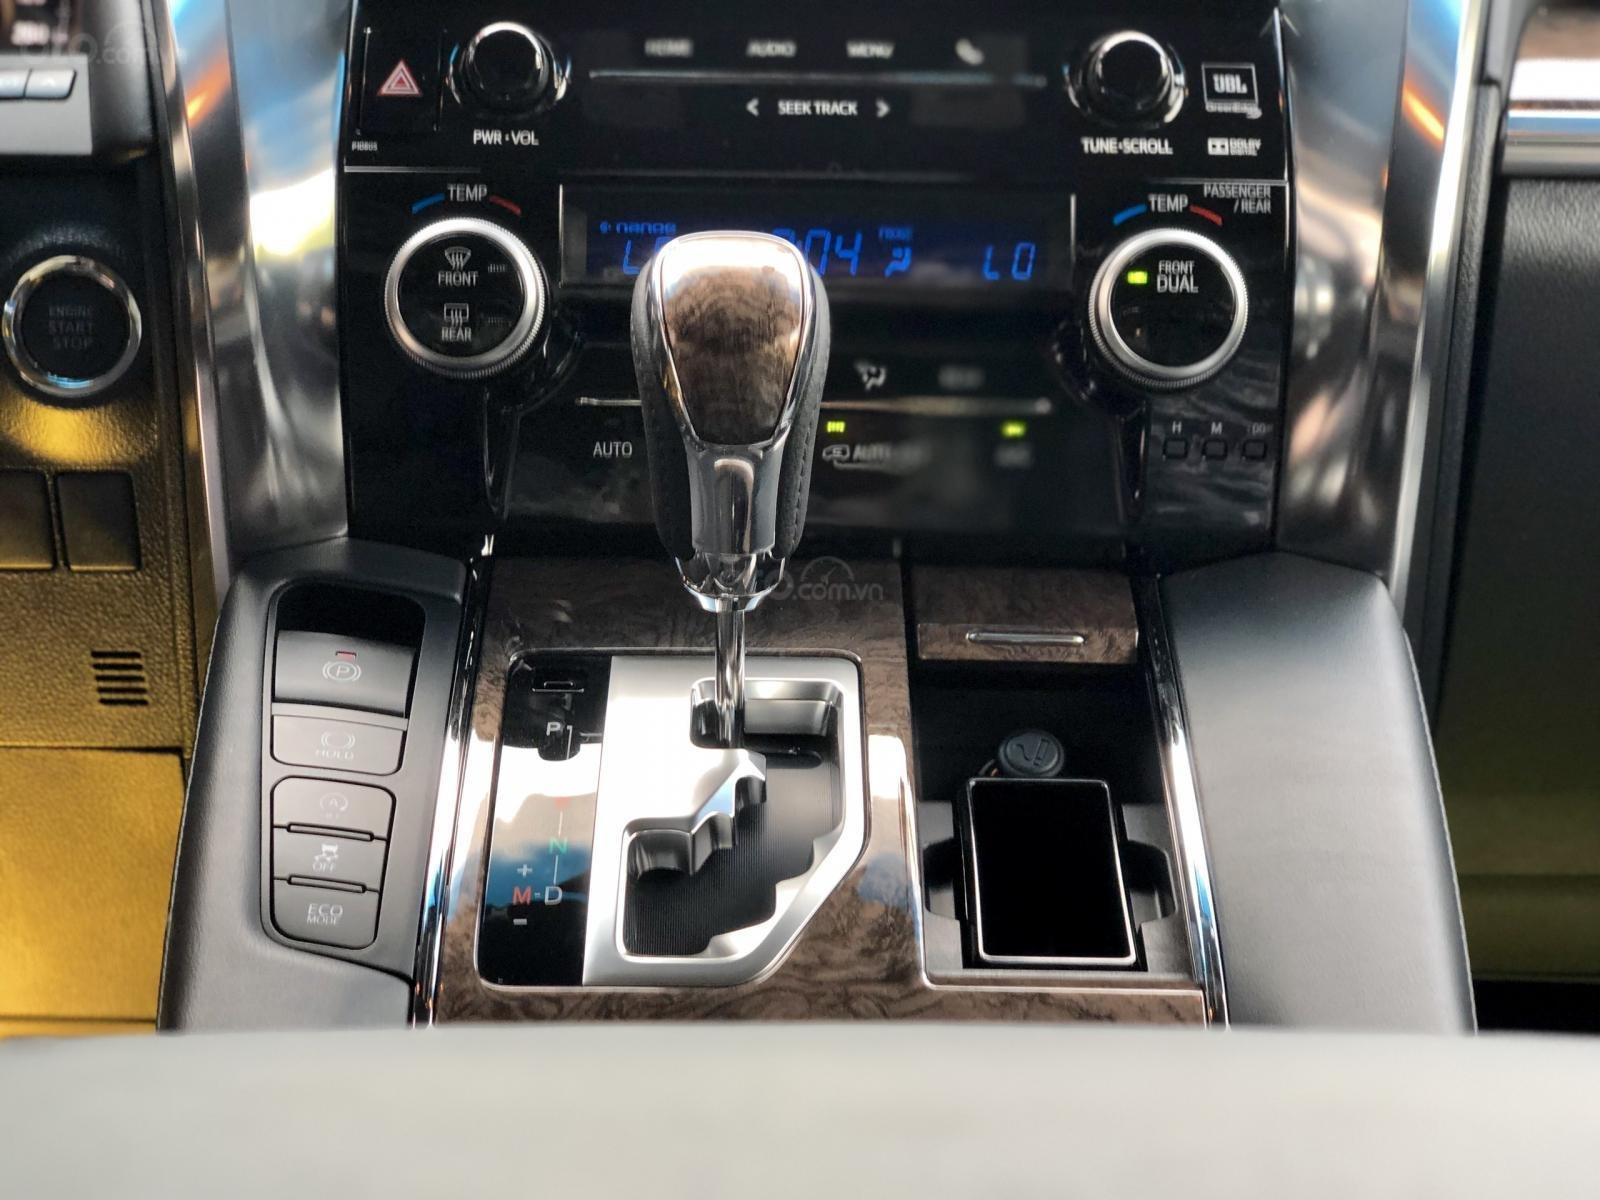 Giao ngay Toyota Alphard Excutive Lounge 2019, xe mới có sẵn ở showroom, LH Ms. Hương 094.539.2468 (17)